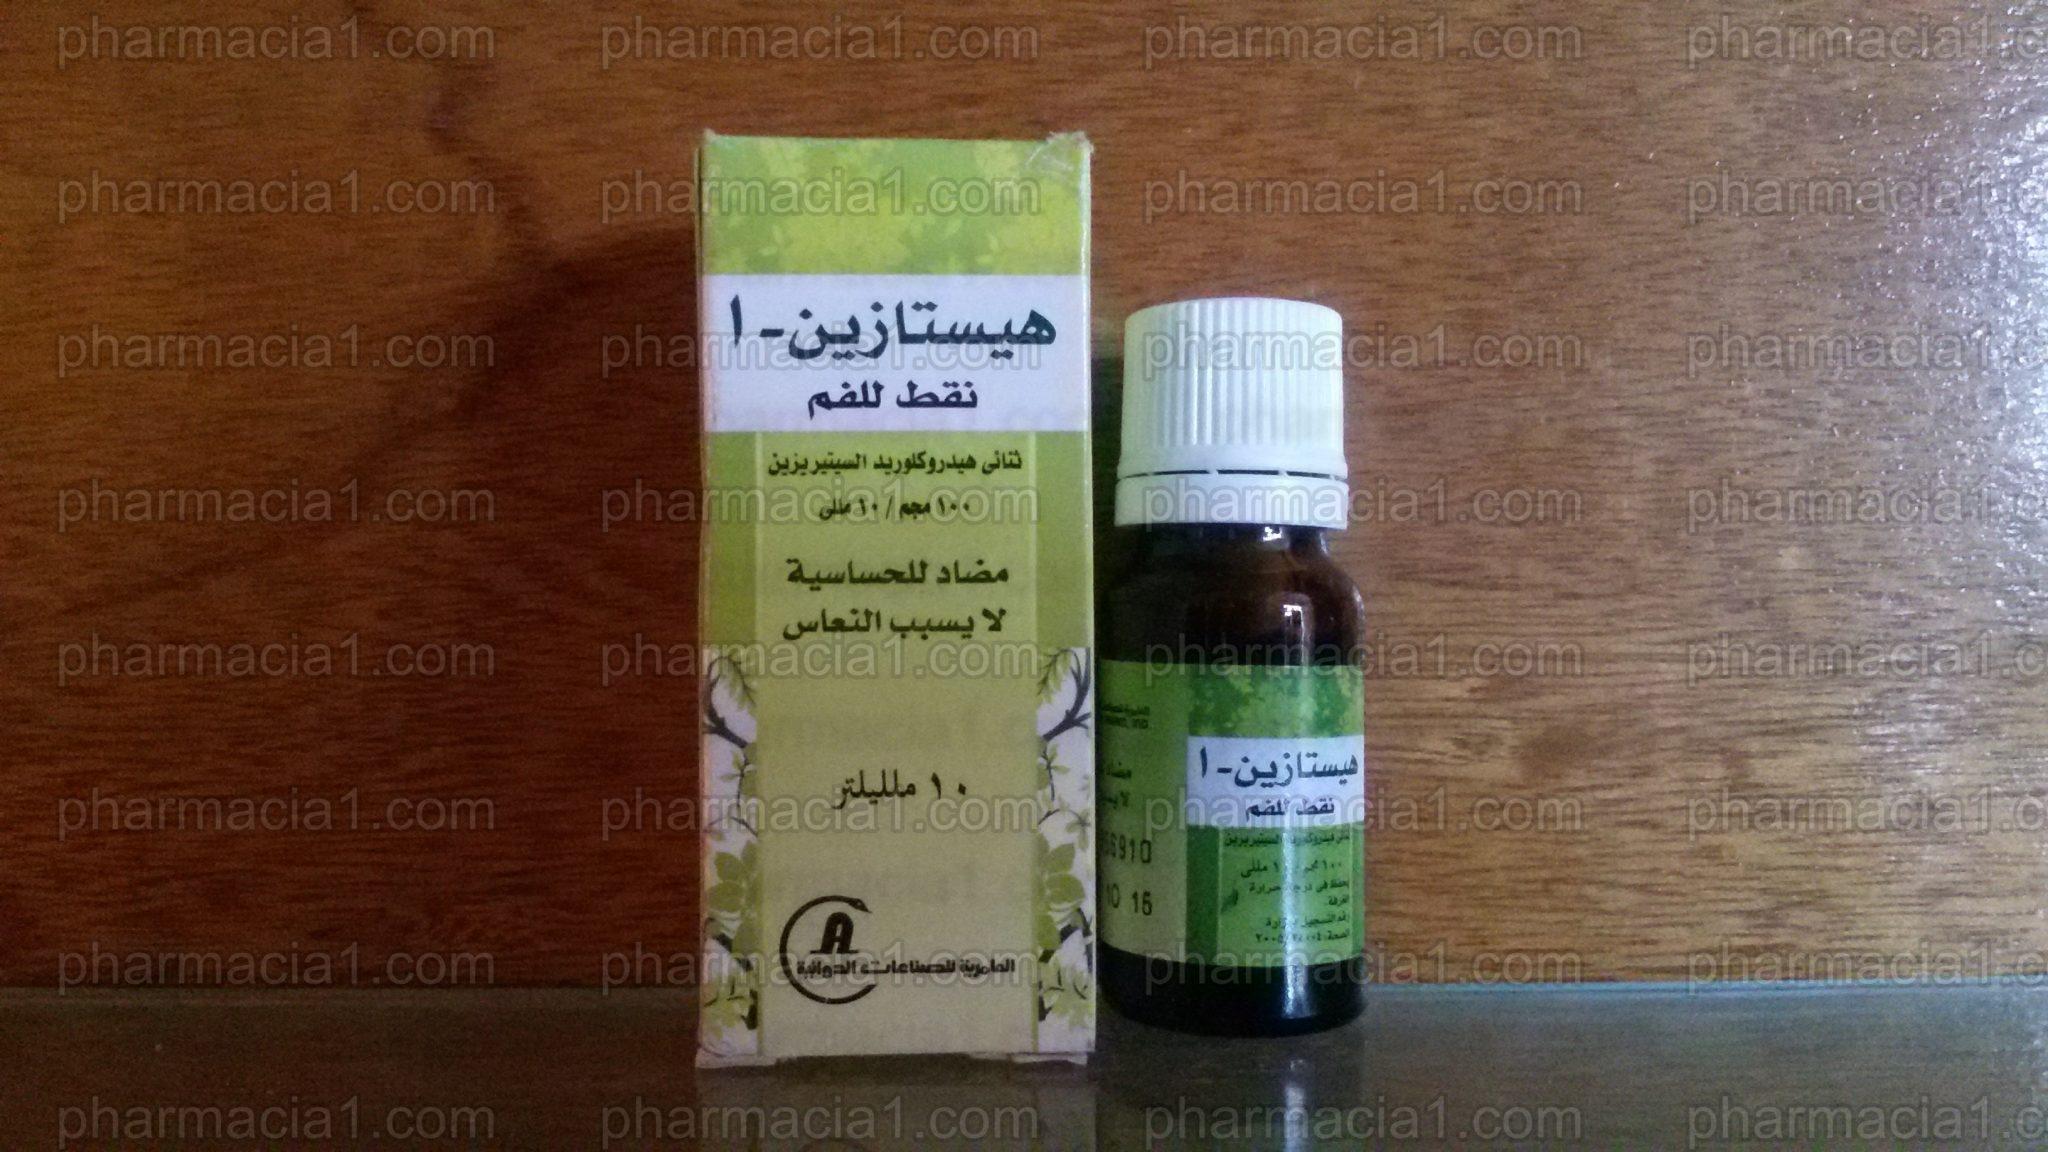 هيستازين -1 نقط للفم – مضادة للحساسية